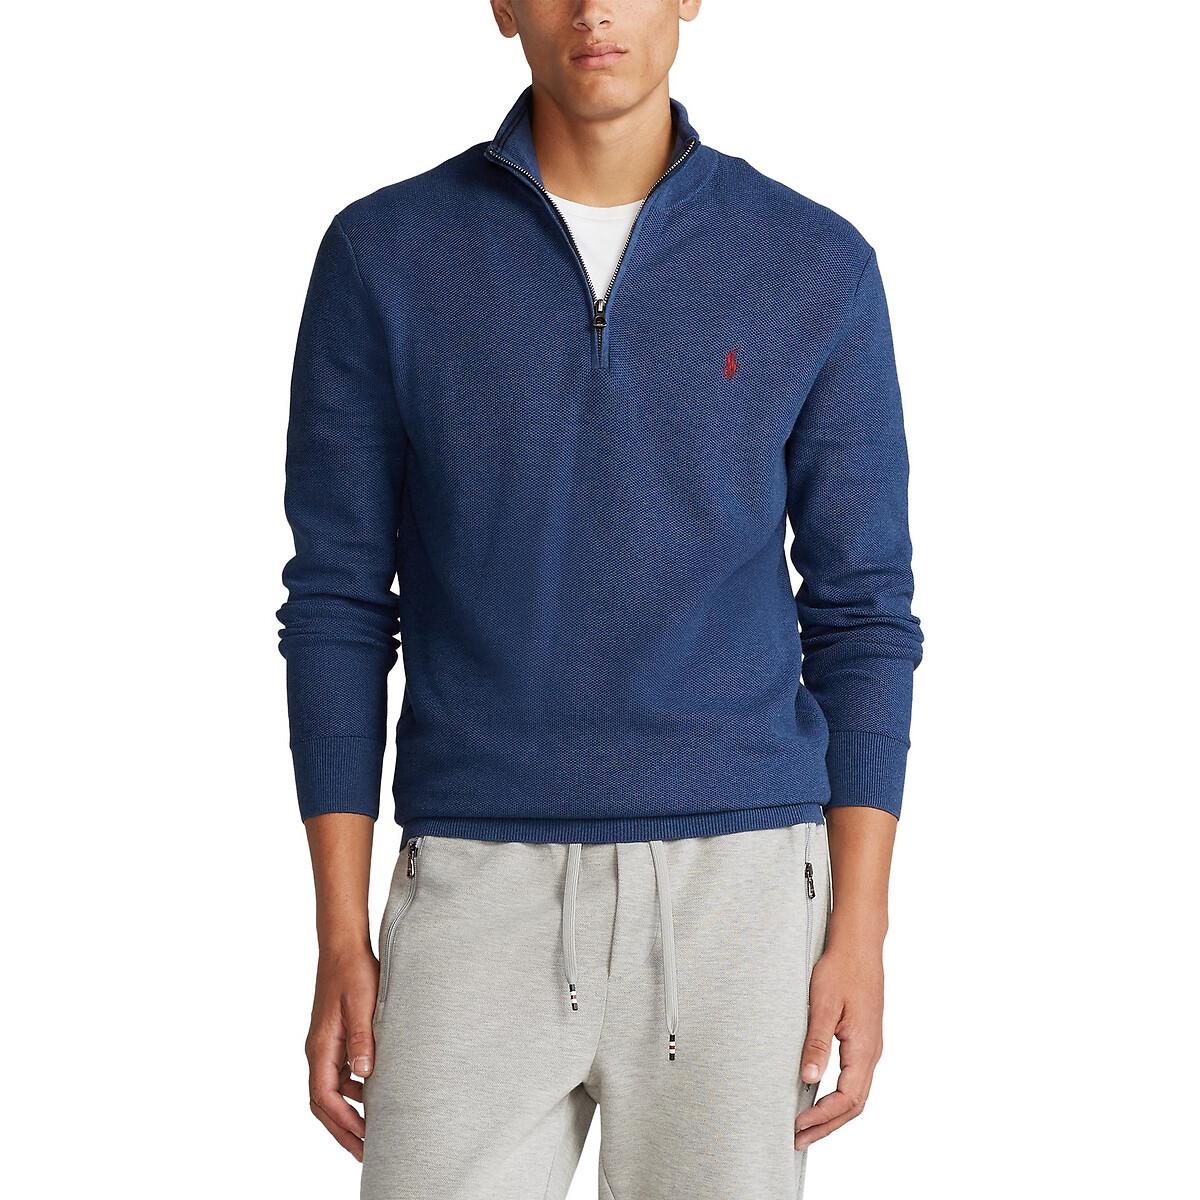 Пуловер La Redoute С воротником-стойкой на молнии из хлопковой ткани Pima XL синий блузон la redoute с воротником стойкой и застежкой на пуговицы xl синий